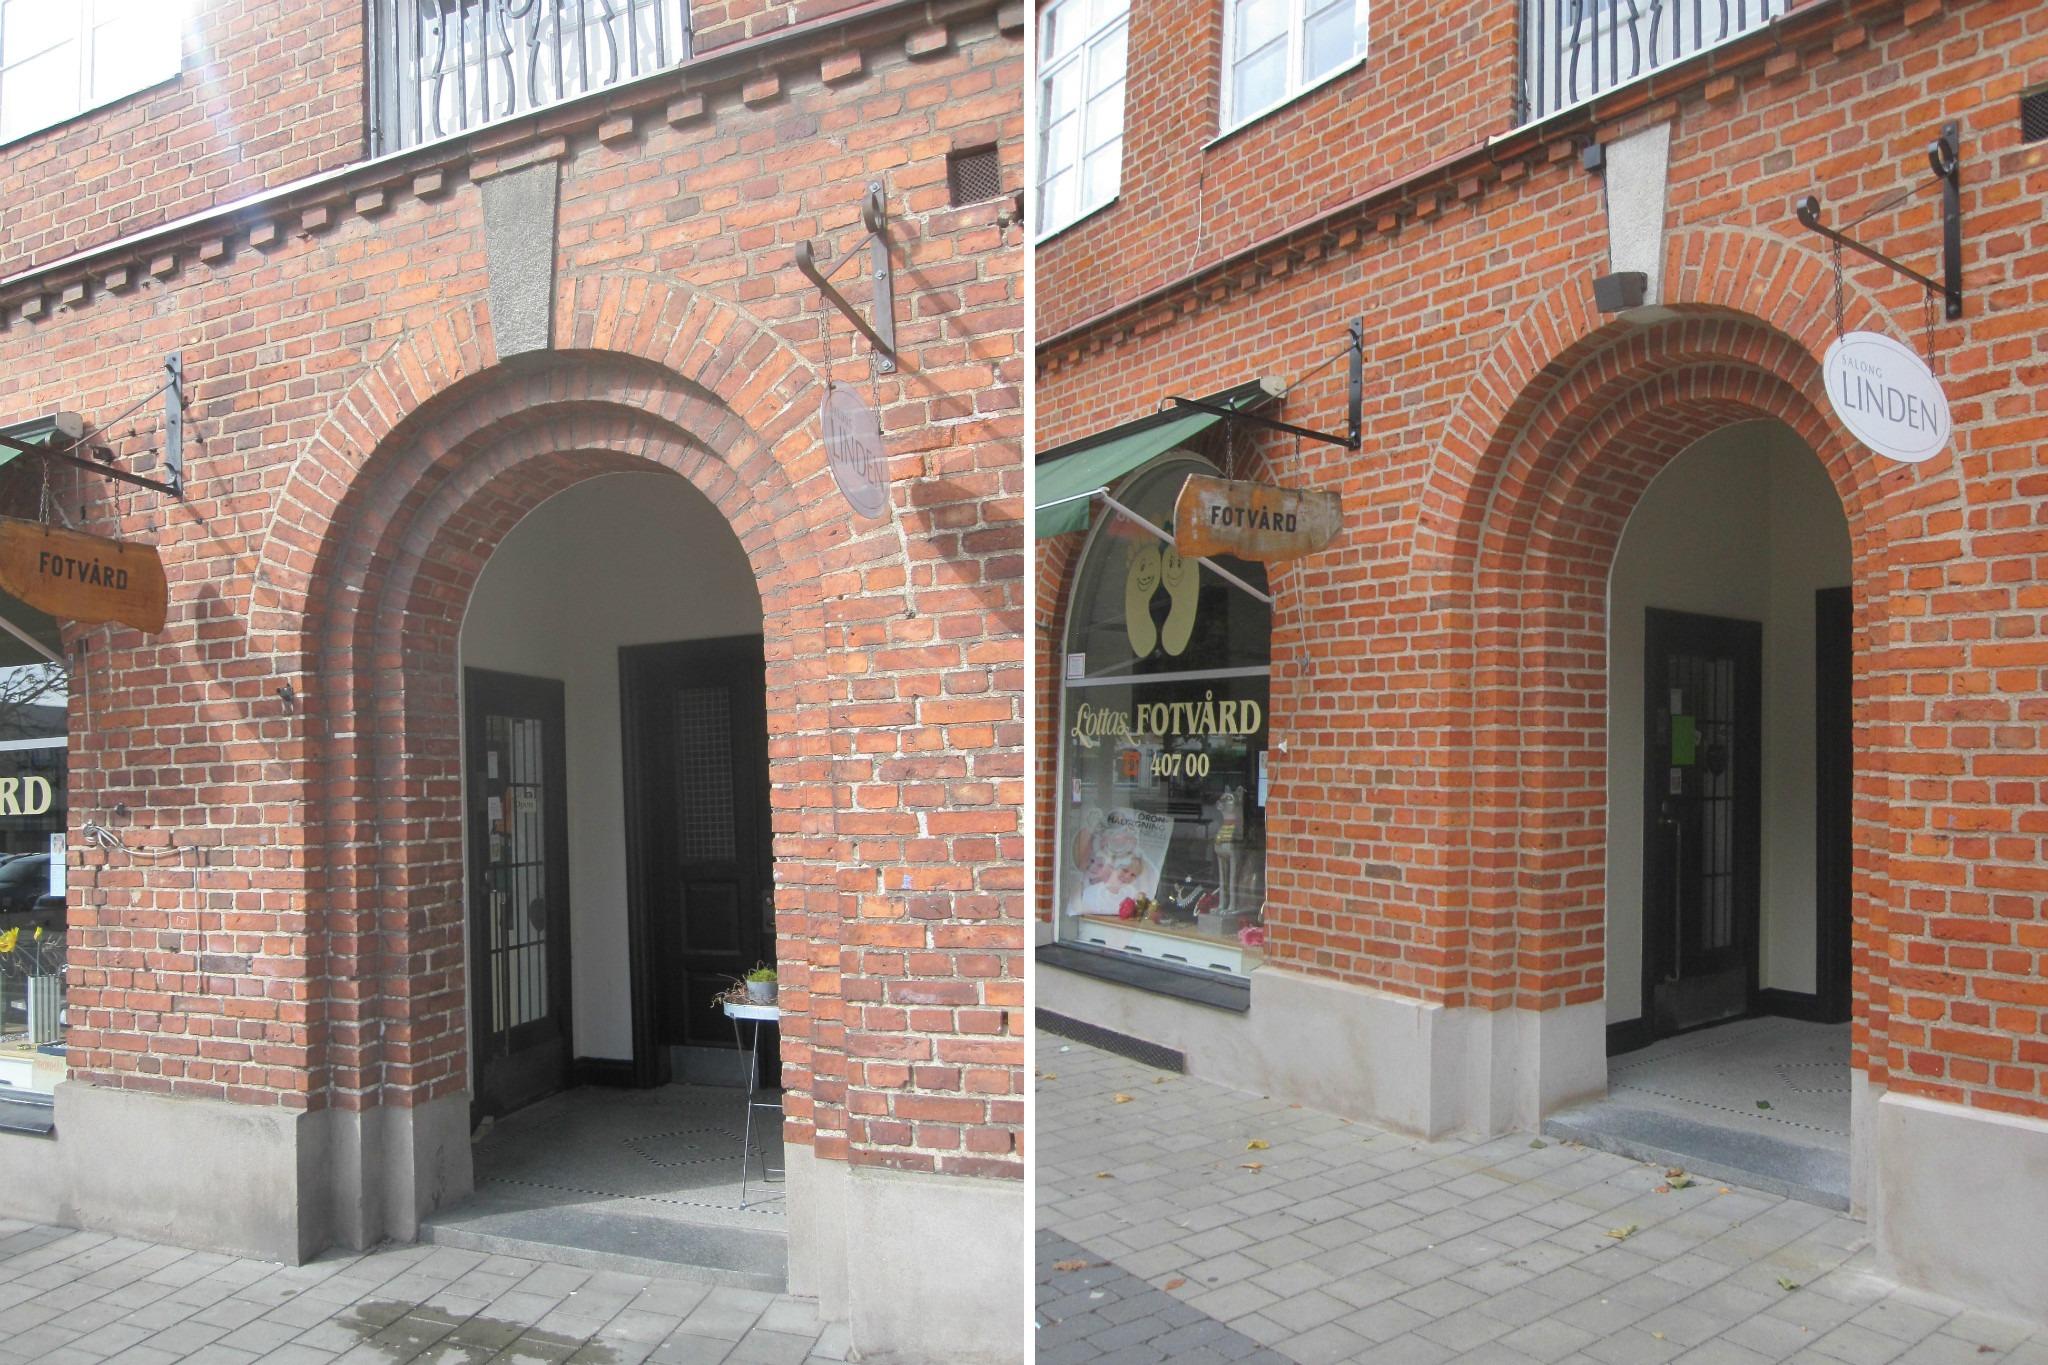 Fasadrenovering Trelleborg omfogning tegelrenovering